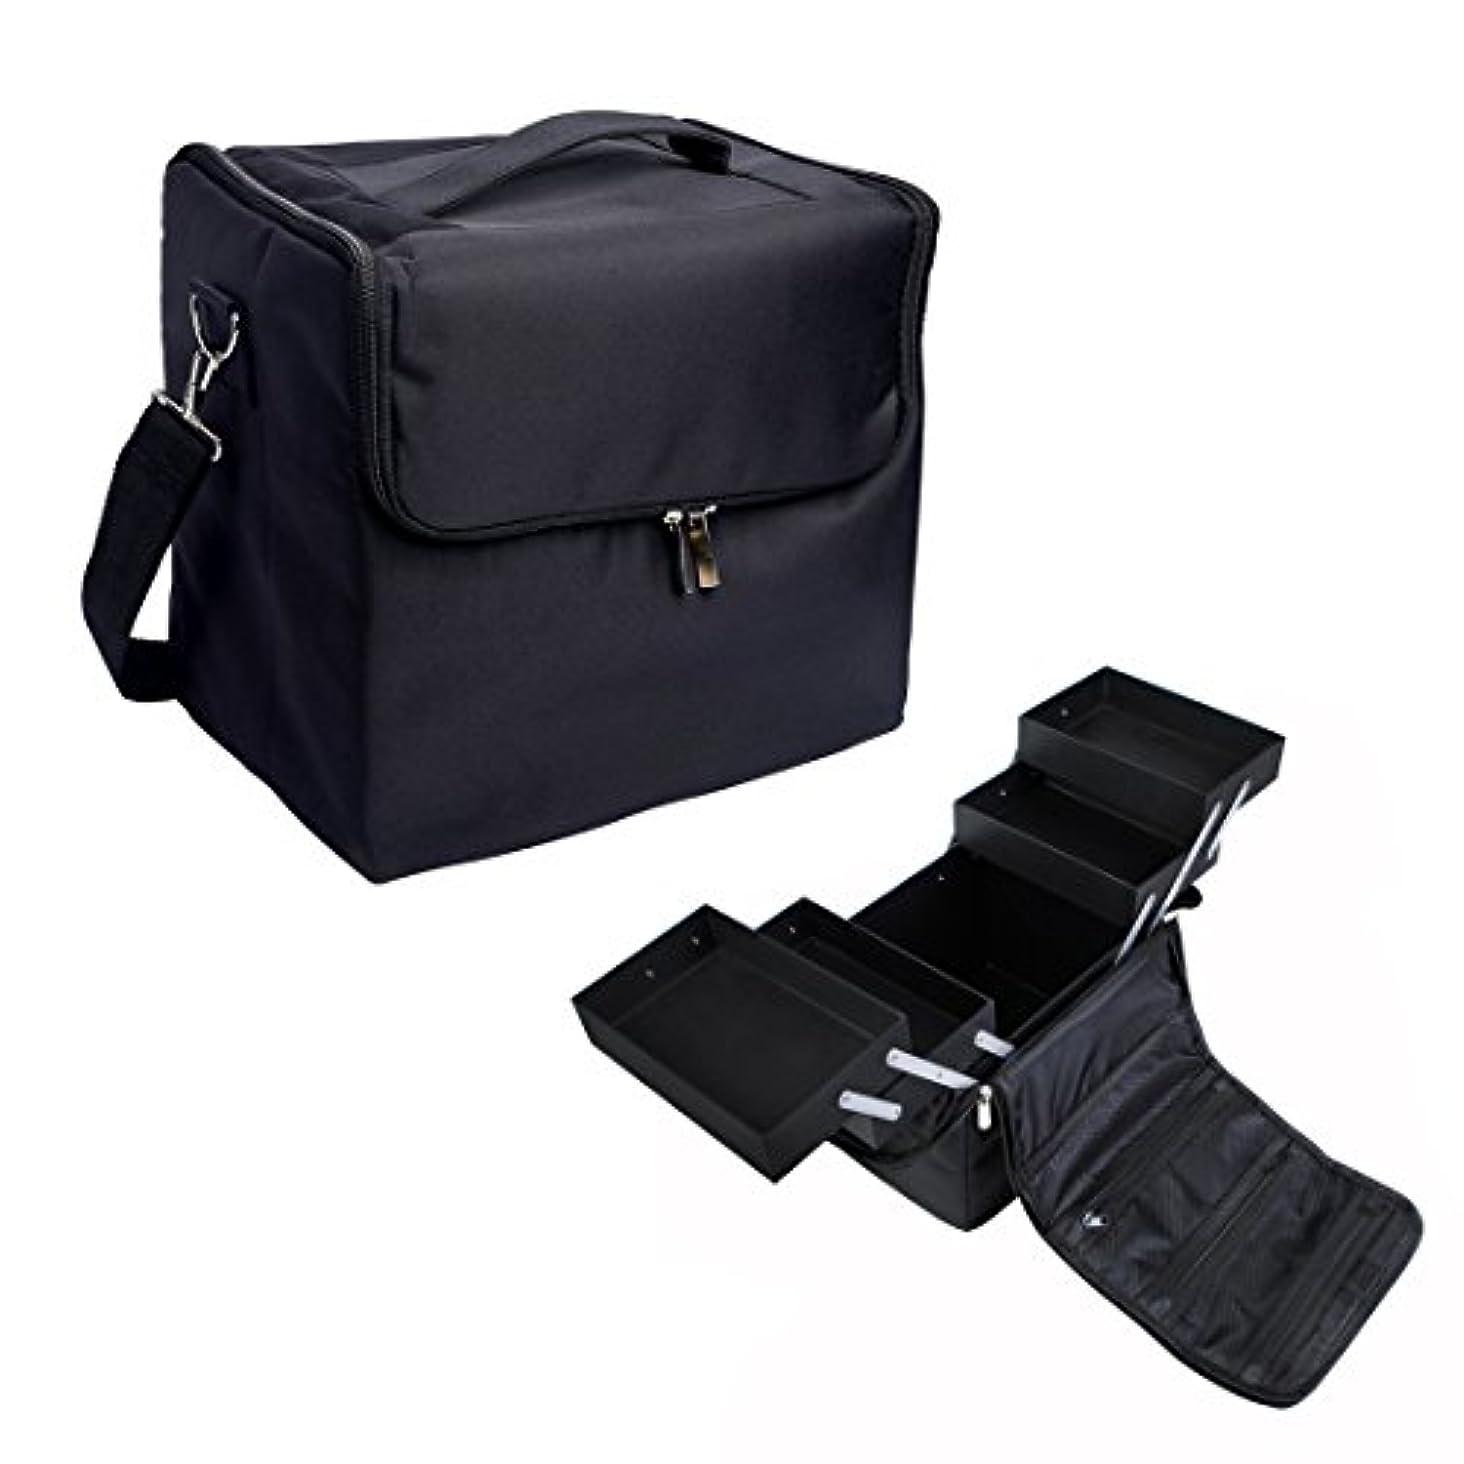 歩き回る町松明[プロ仕様]Hapilife メイクボックス トレイ付き プロ用 化粧品収納 ブラック